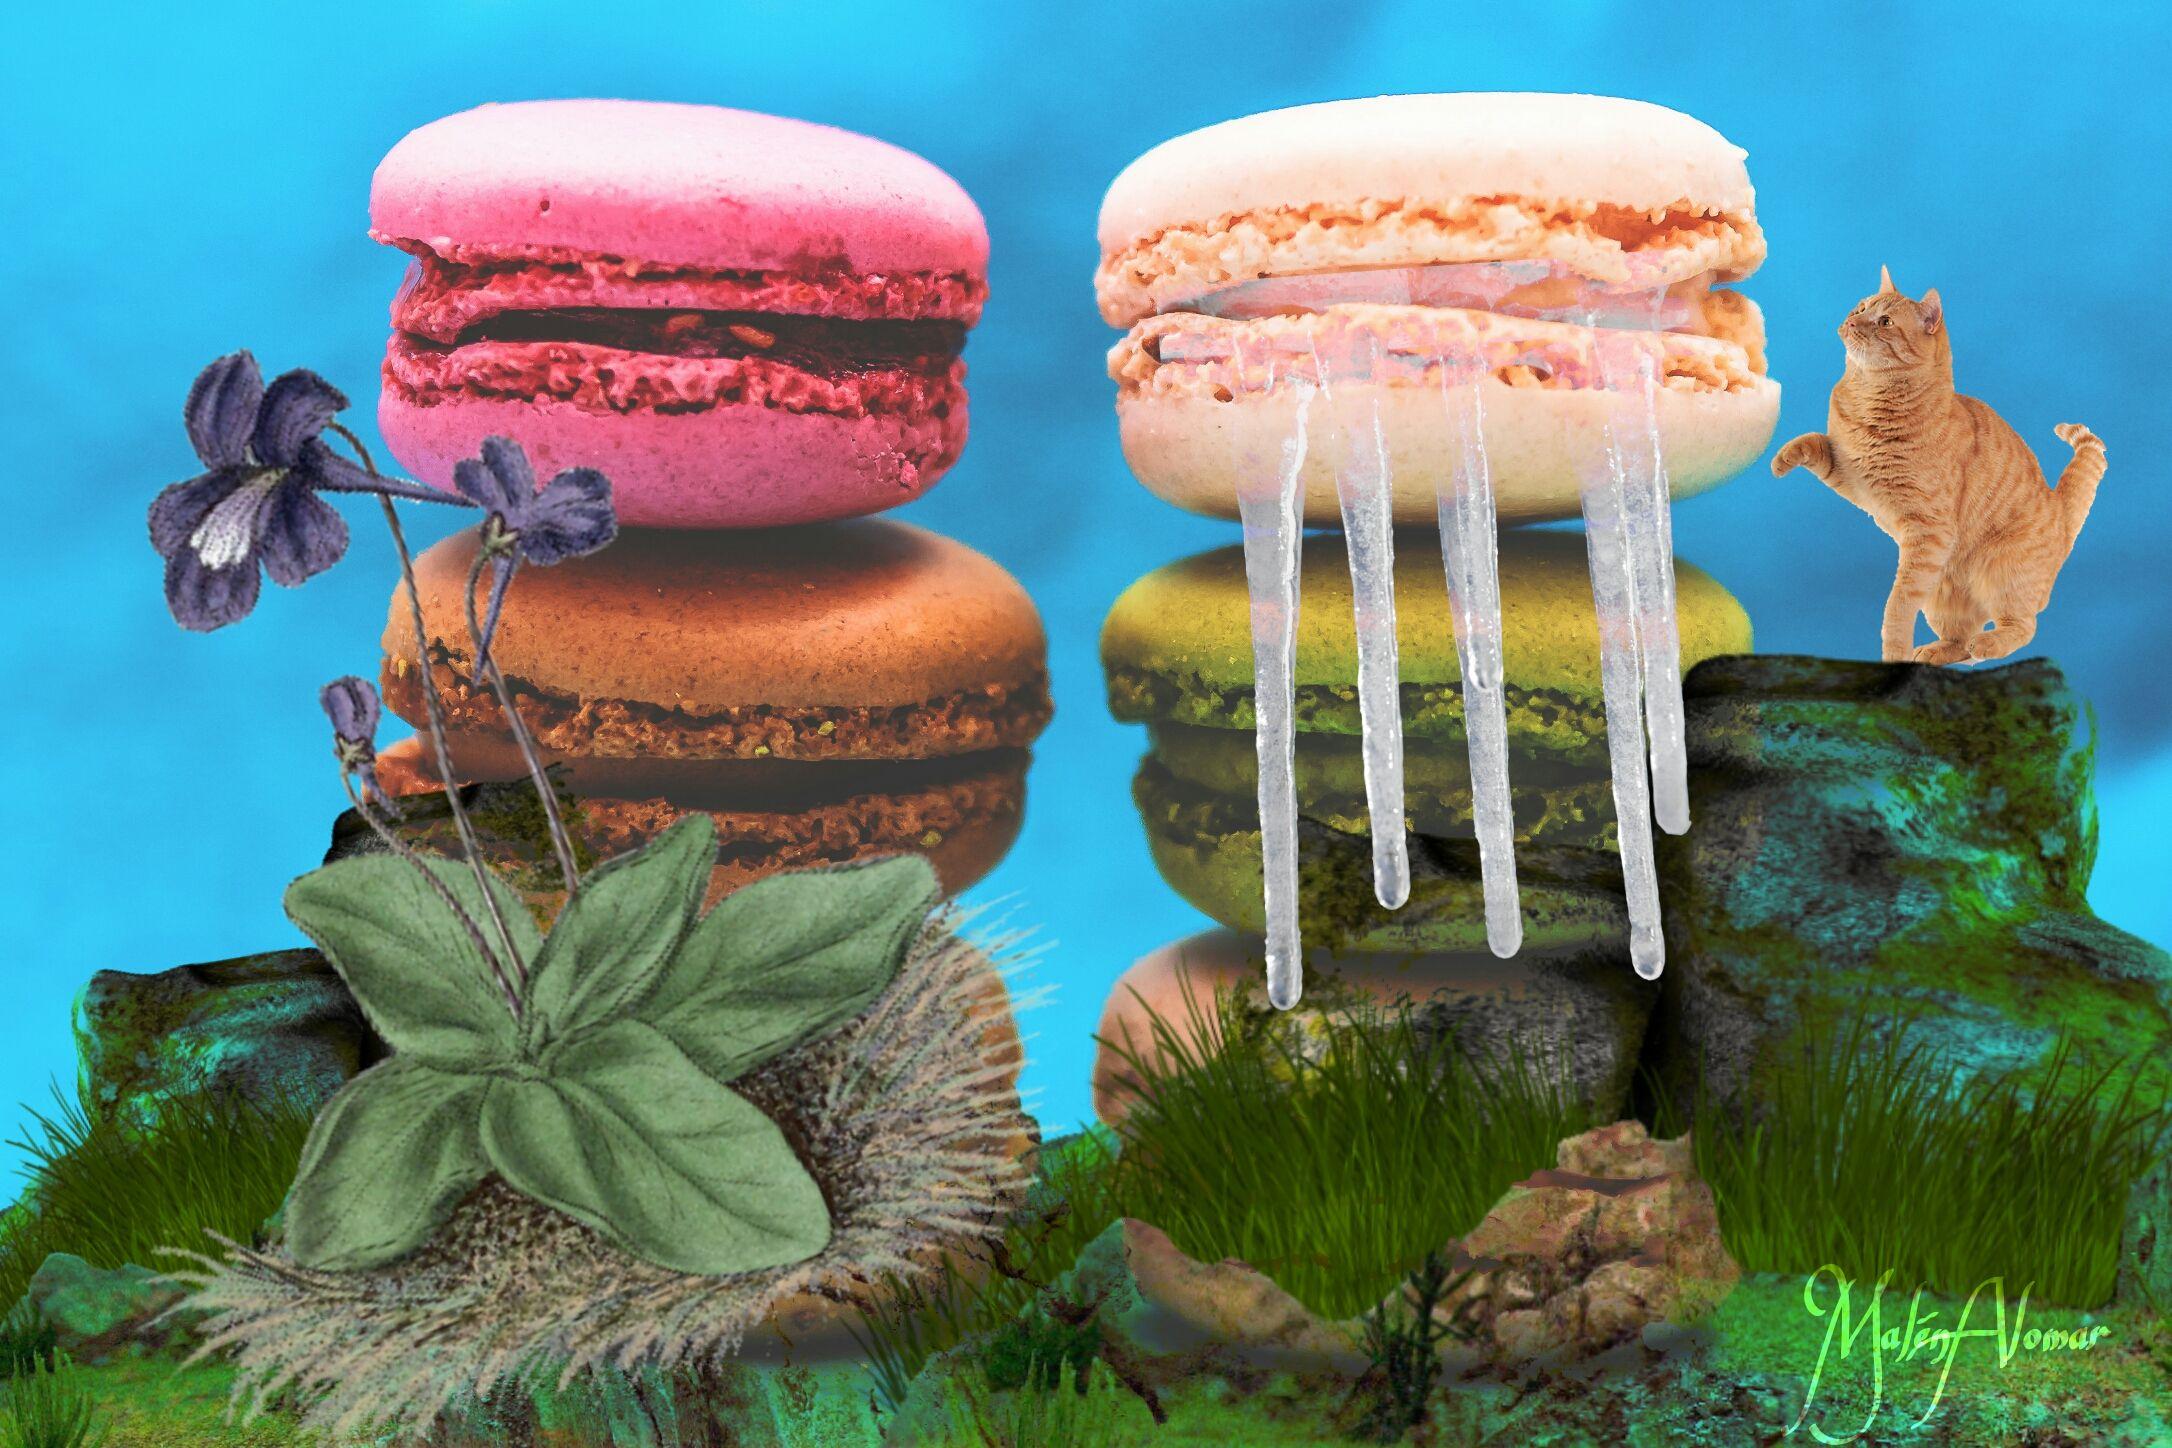 ¡Mira esta creación que he creado con #PicsArt! Crea el tuyo gratis  http://go.picsart.com/f1Fc/Sjmlf0DDhw